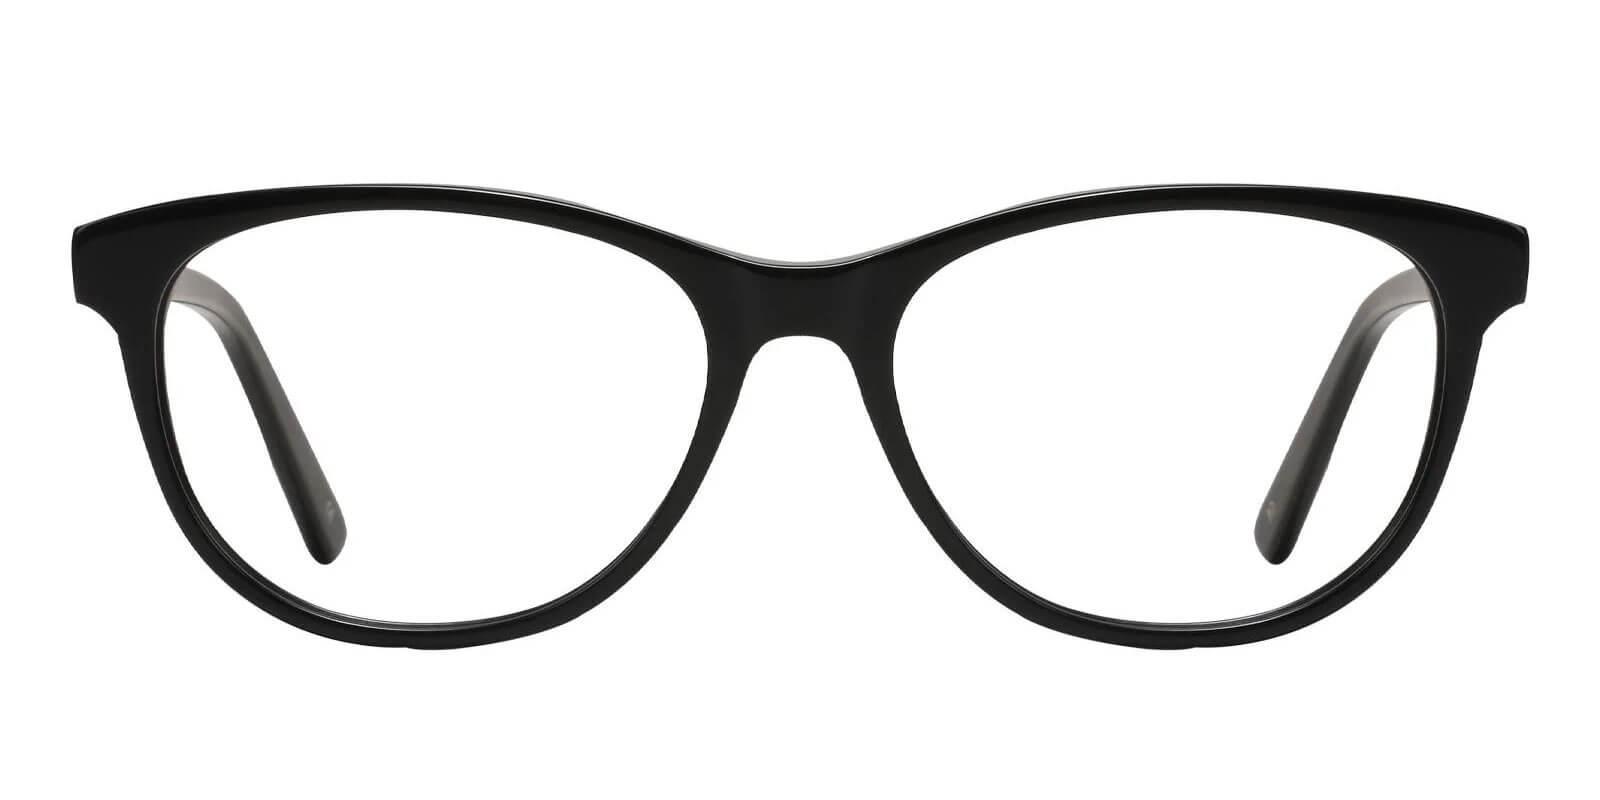 Neptune Black Acetate Eyeglasses , SpringHinges , UniversalBridgeFit Frames from ABBE Glasses